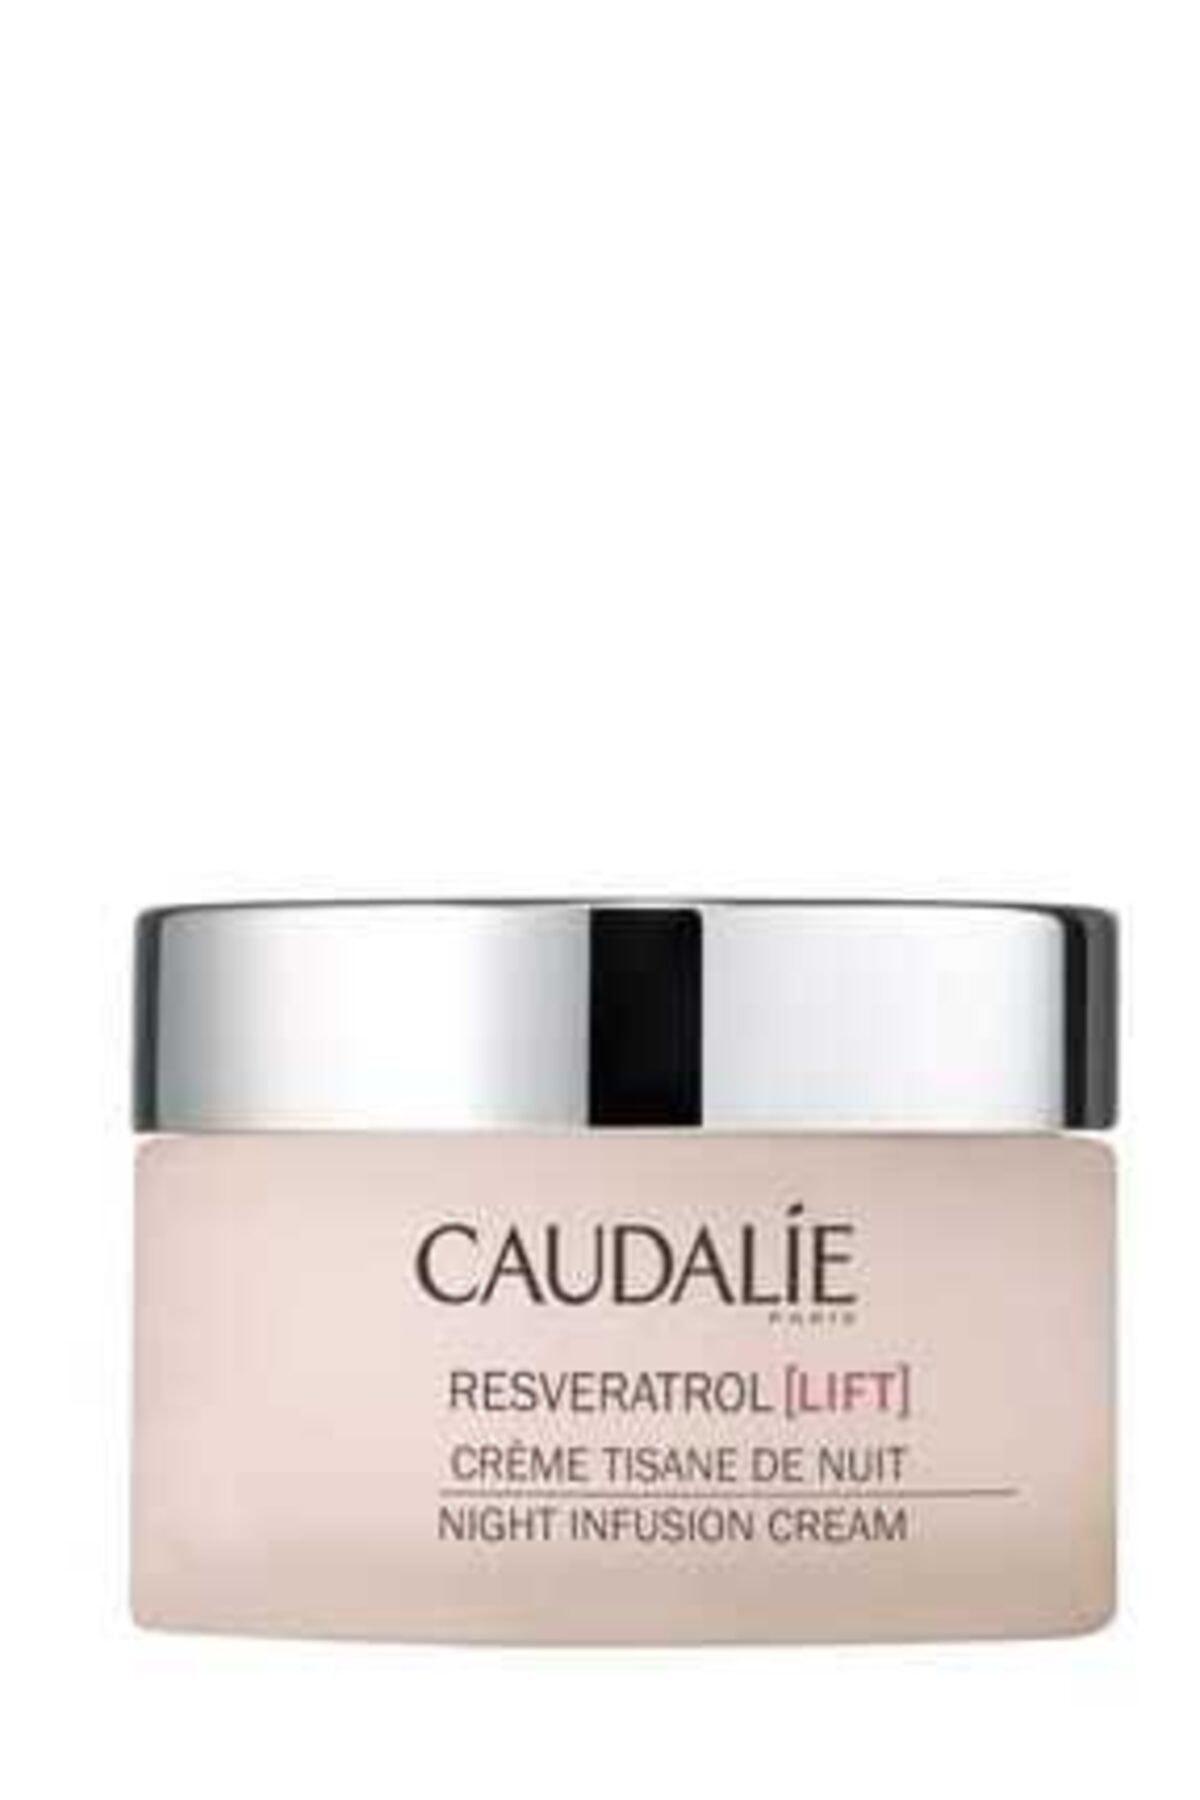 Caudalie Resveratrol Night Infusion Cream 50 ml - Sıkılaştırıcı Etkili Gece Bakım Kremi 1